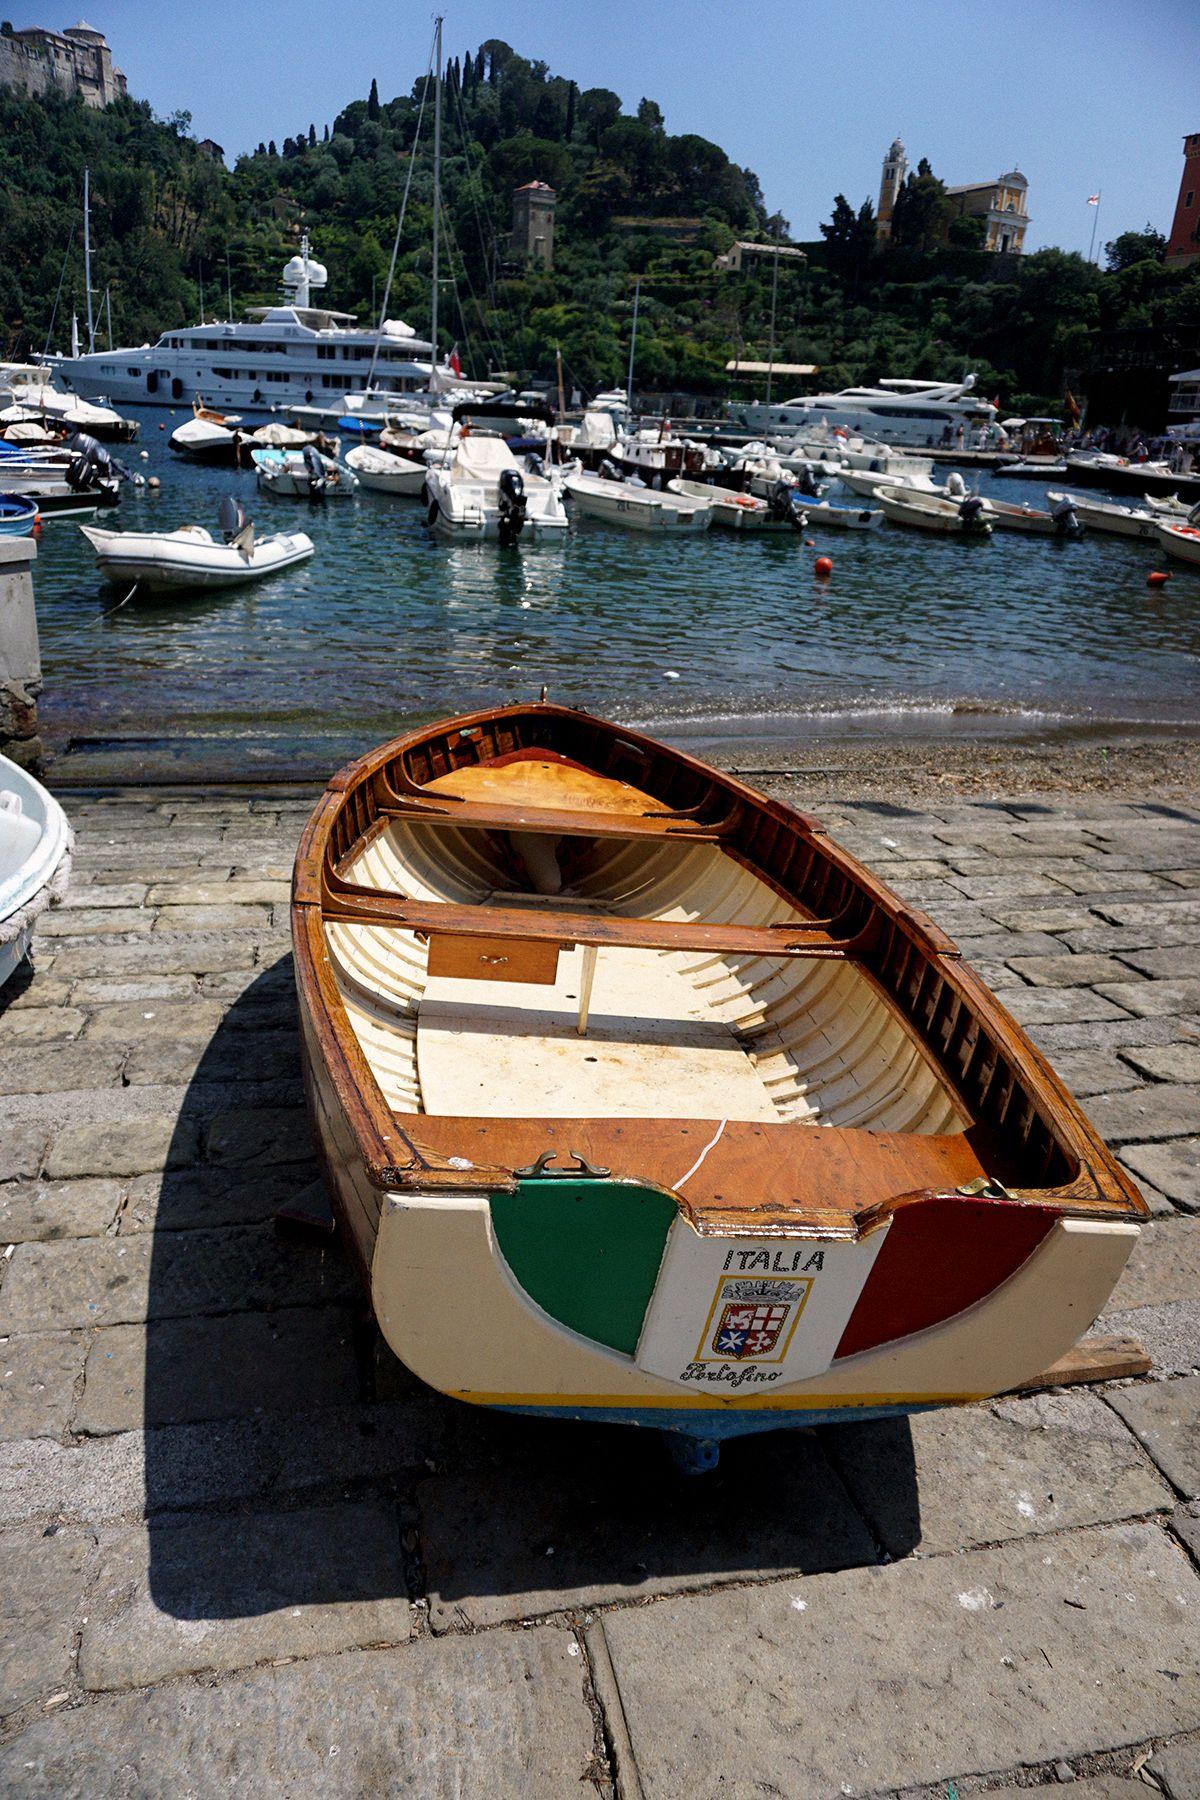 Row boat in marina in Portofino